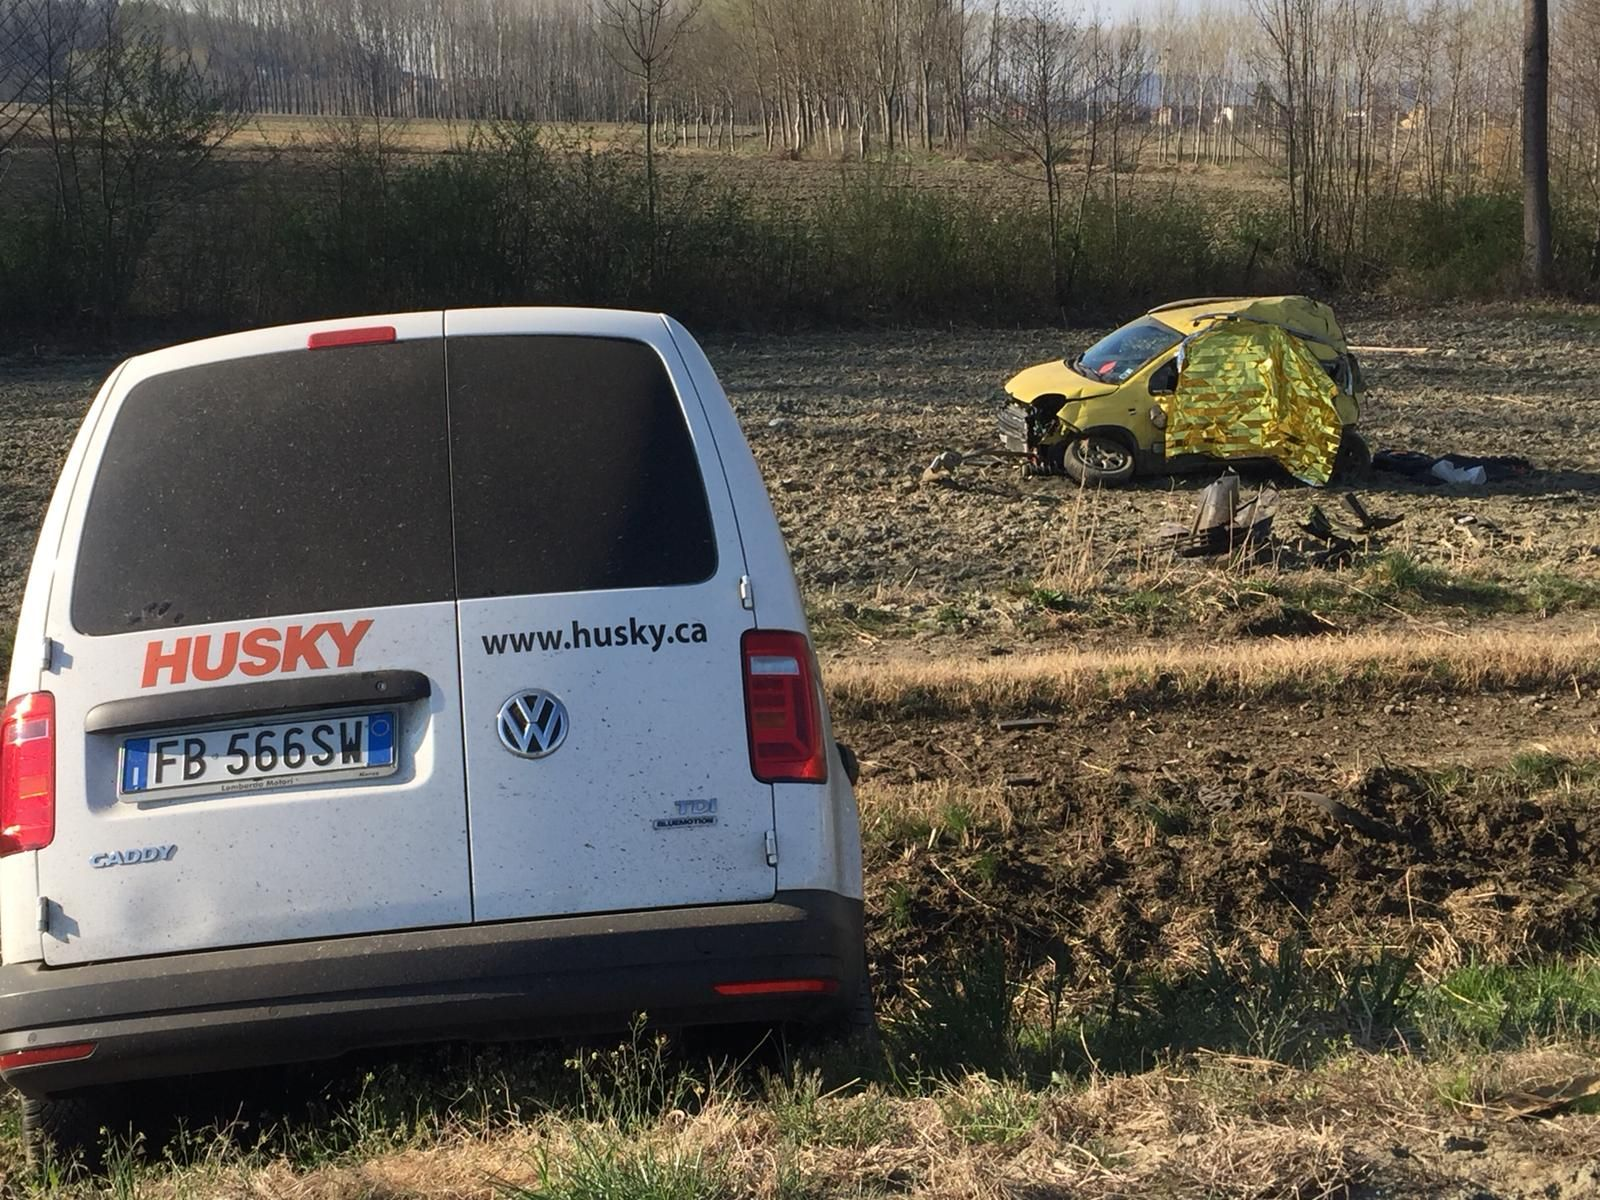 INCIDENTE SUL RACCORDO - Identificata la donna vittima dello schianto: era residente in Valchiusella - FOTO